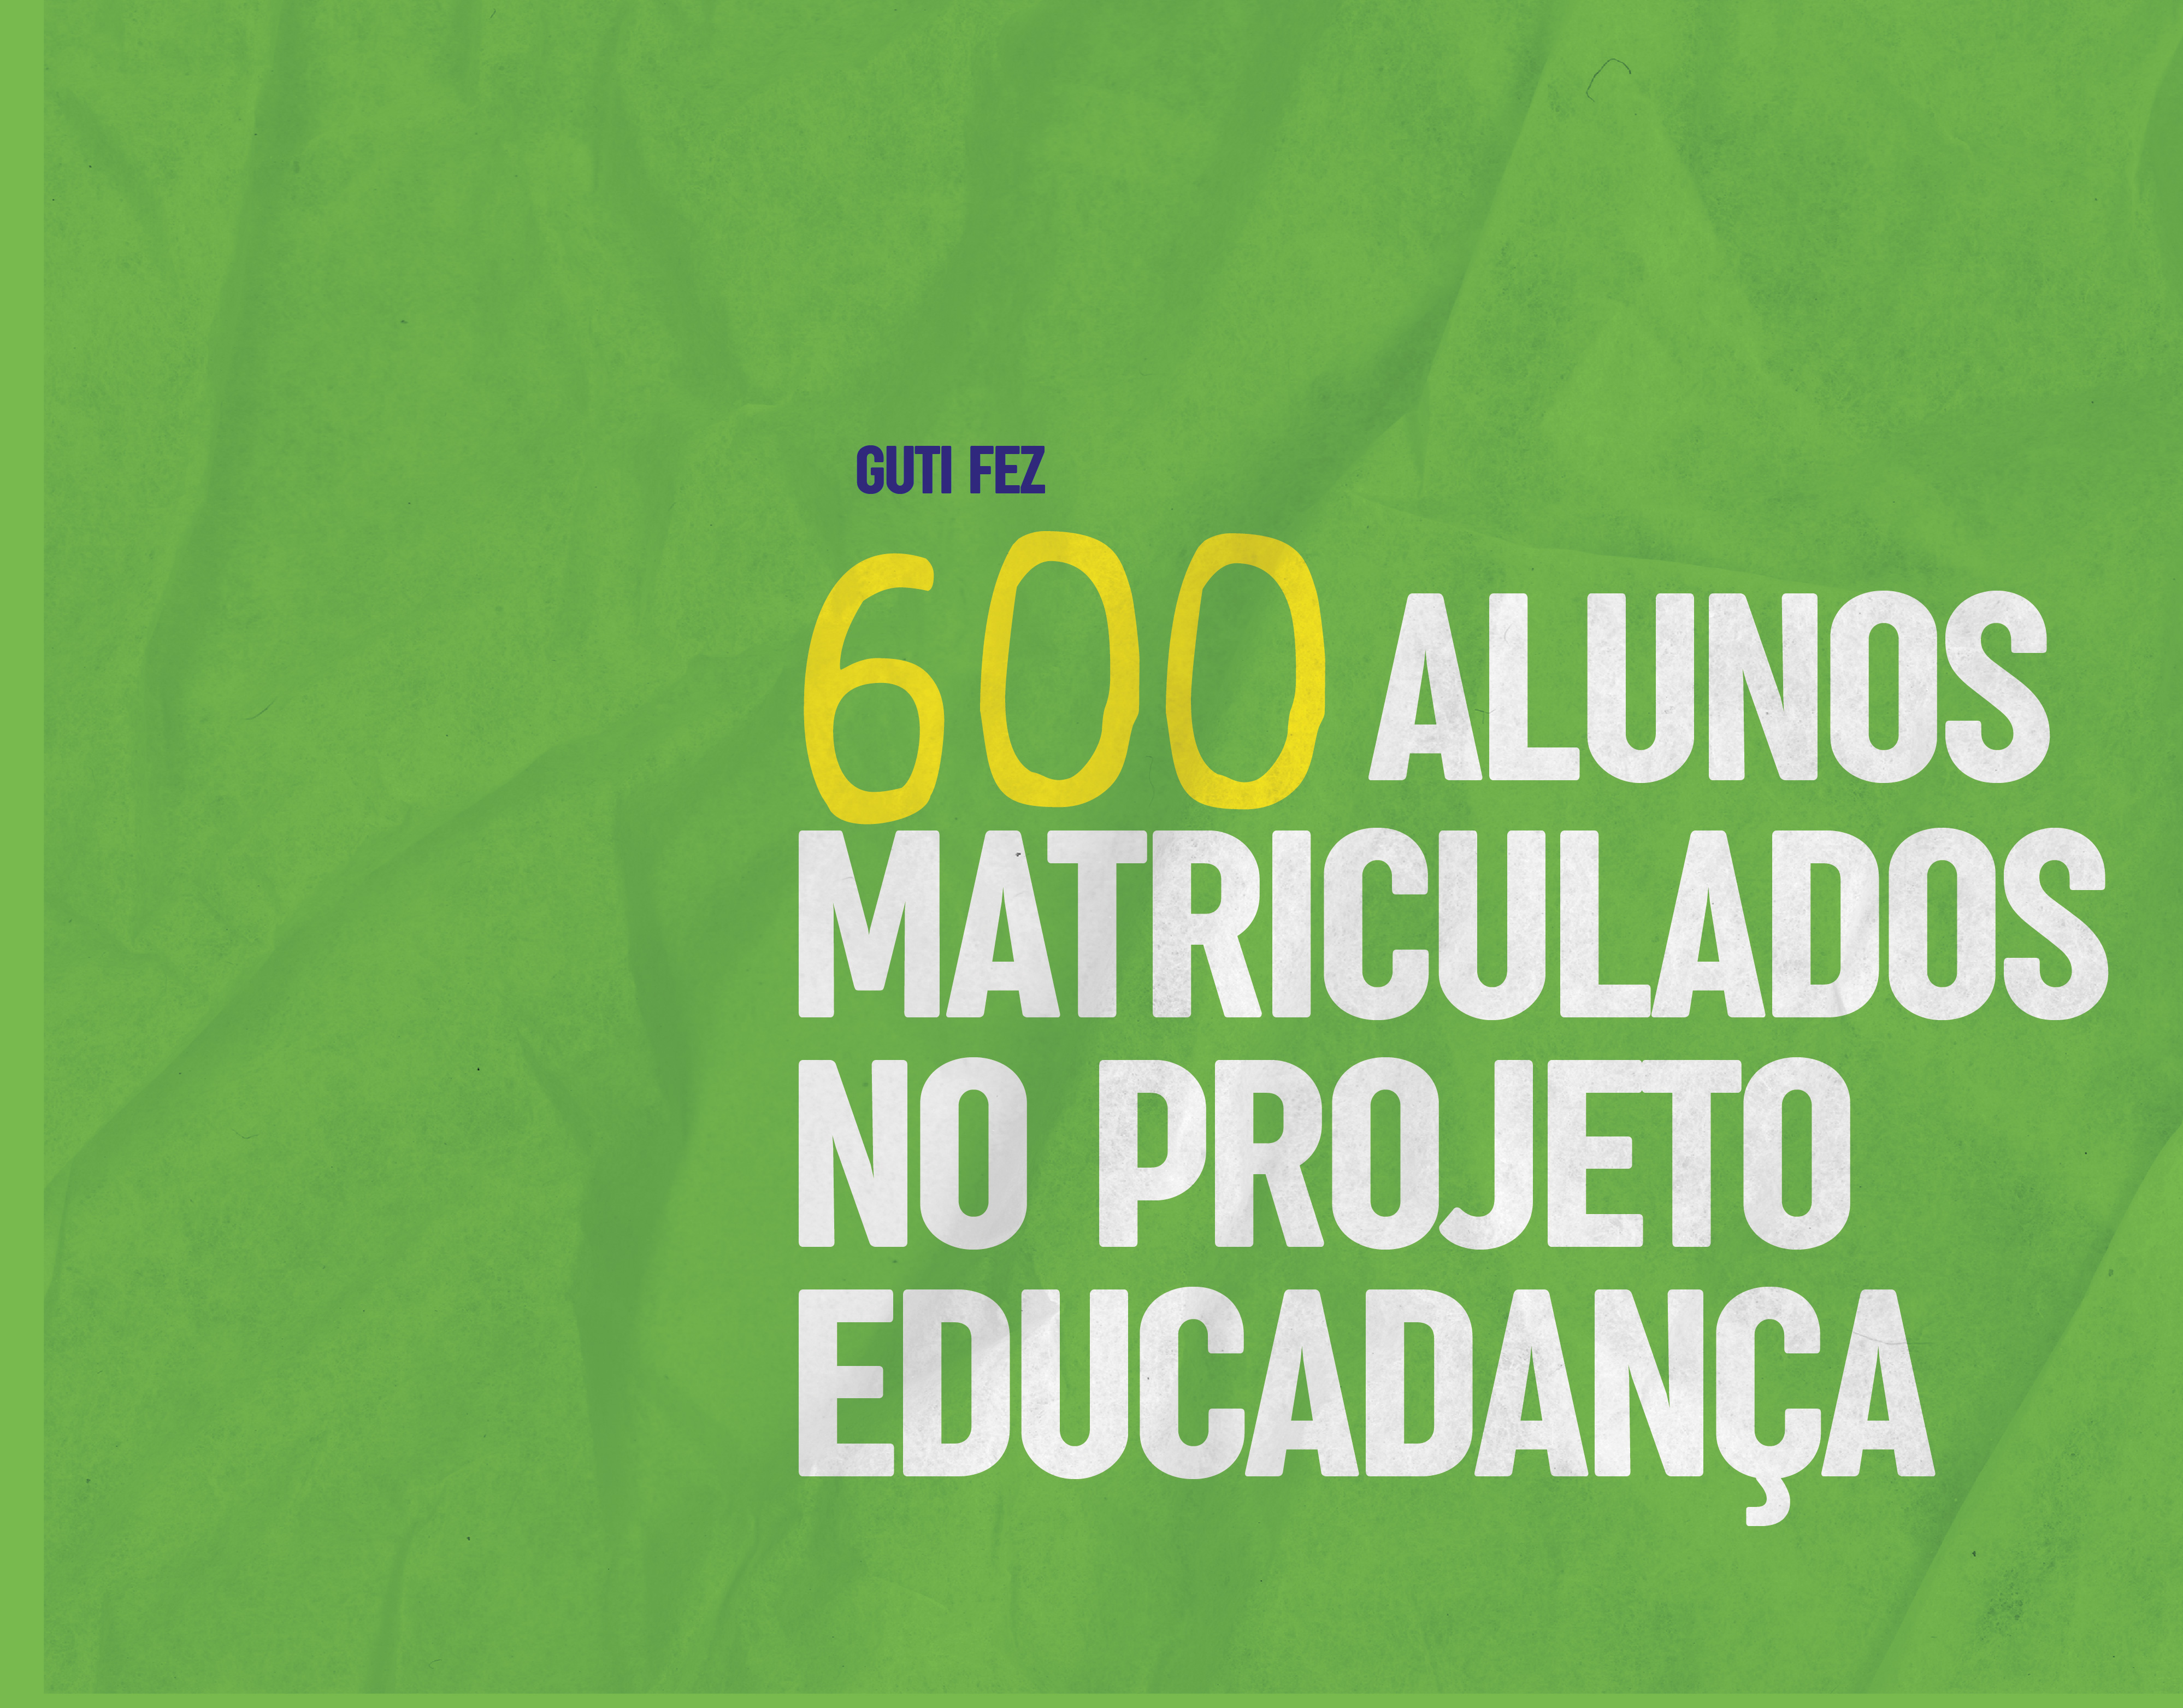 650 alunos matriculados no Projeto Educadança